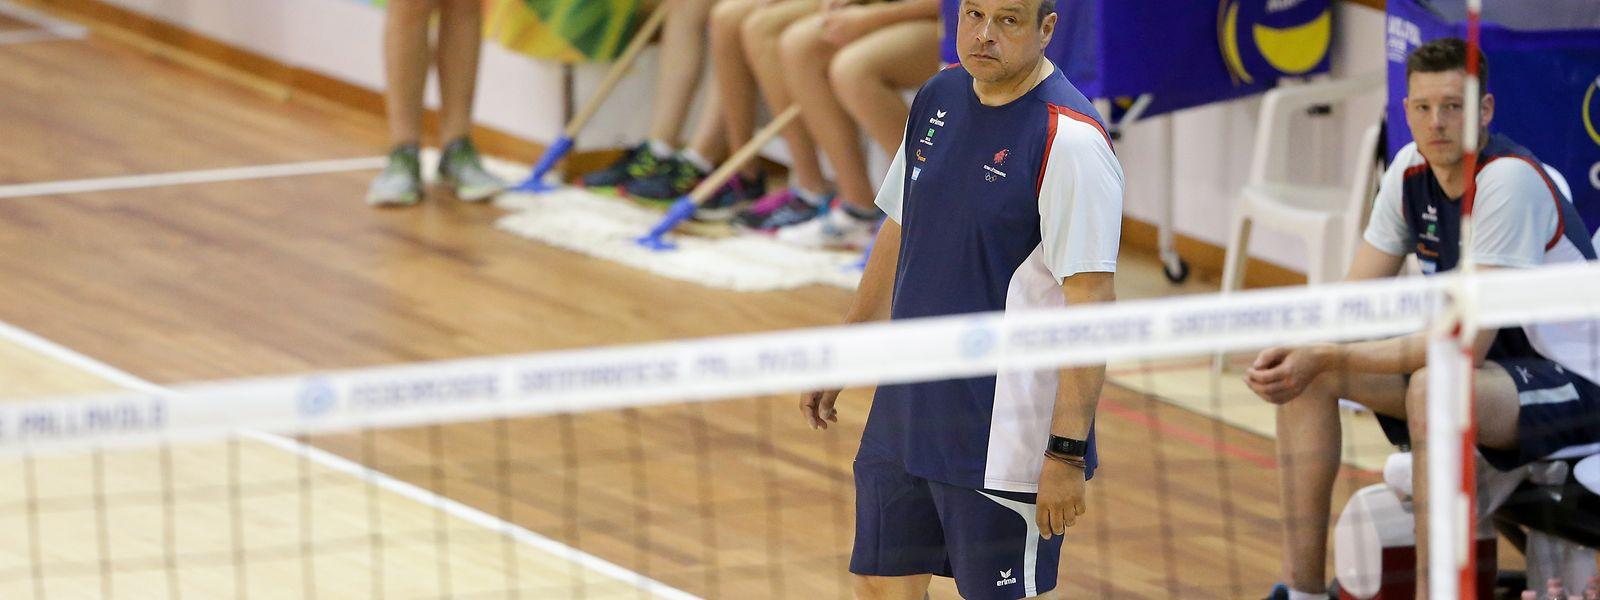 Detlev Schönberg war seit 2011 Nationaltrainer der Volleyballfrauen Luxemburgs.